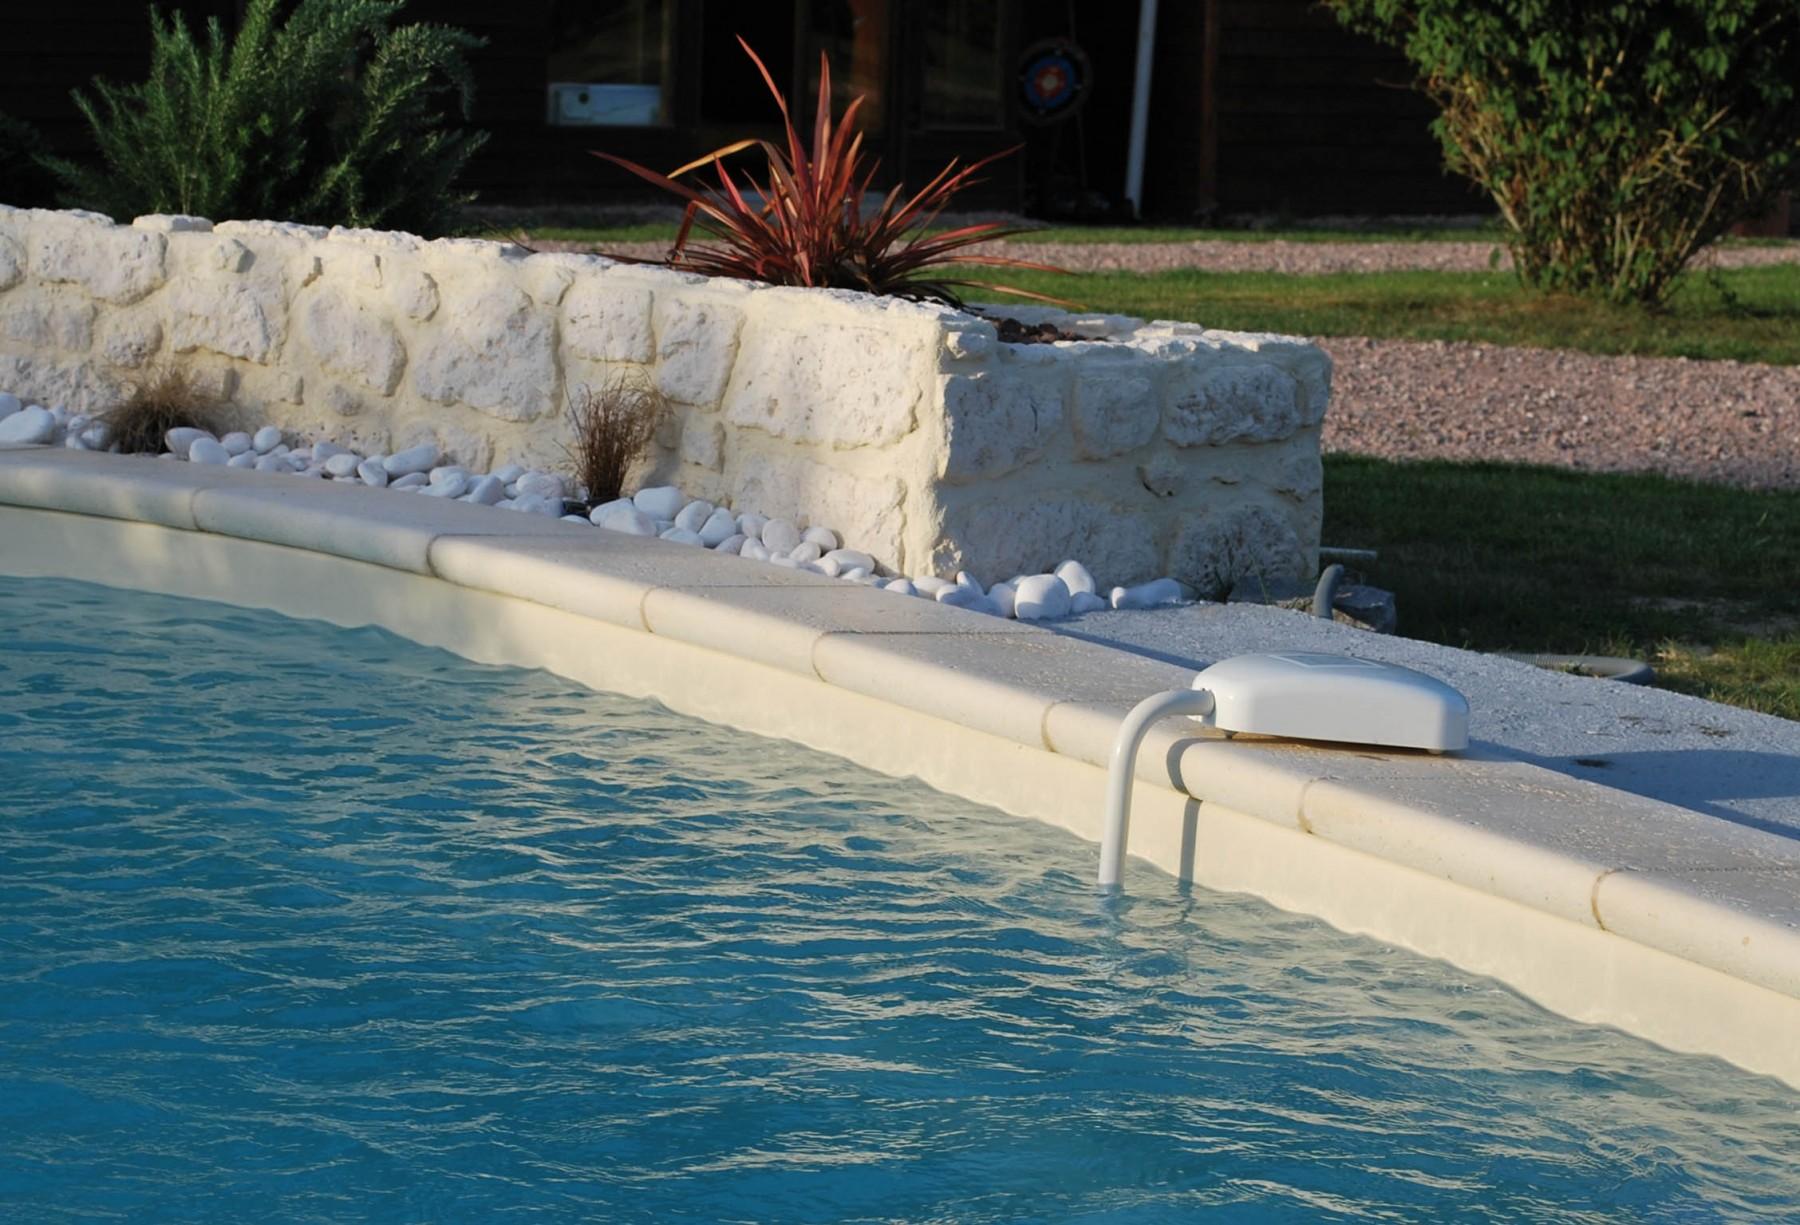 Alarma piscina dolphin aqualarm piscinas ferromar for Piscinas ferromar